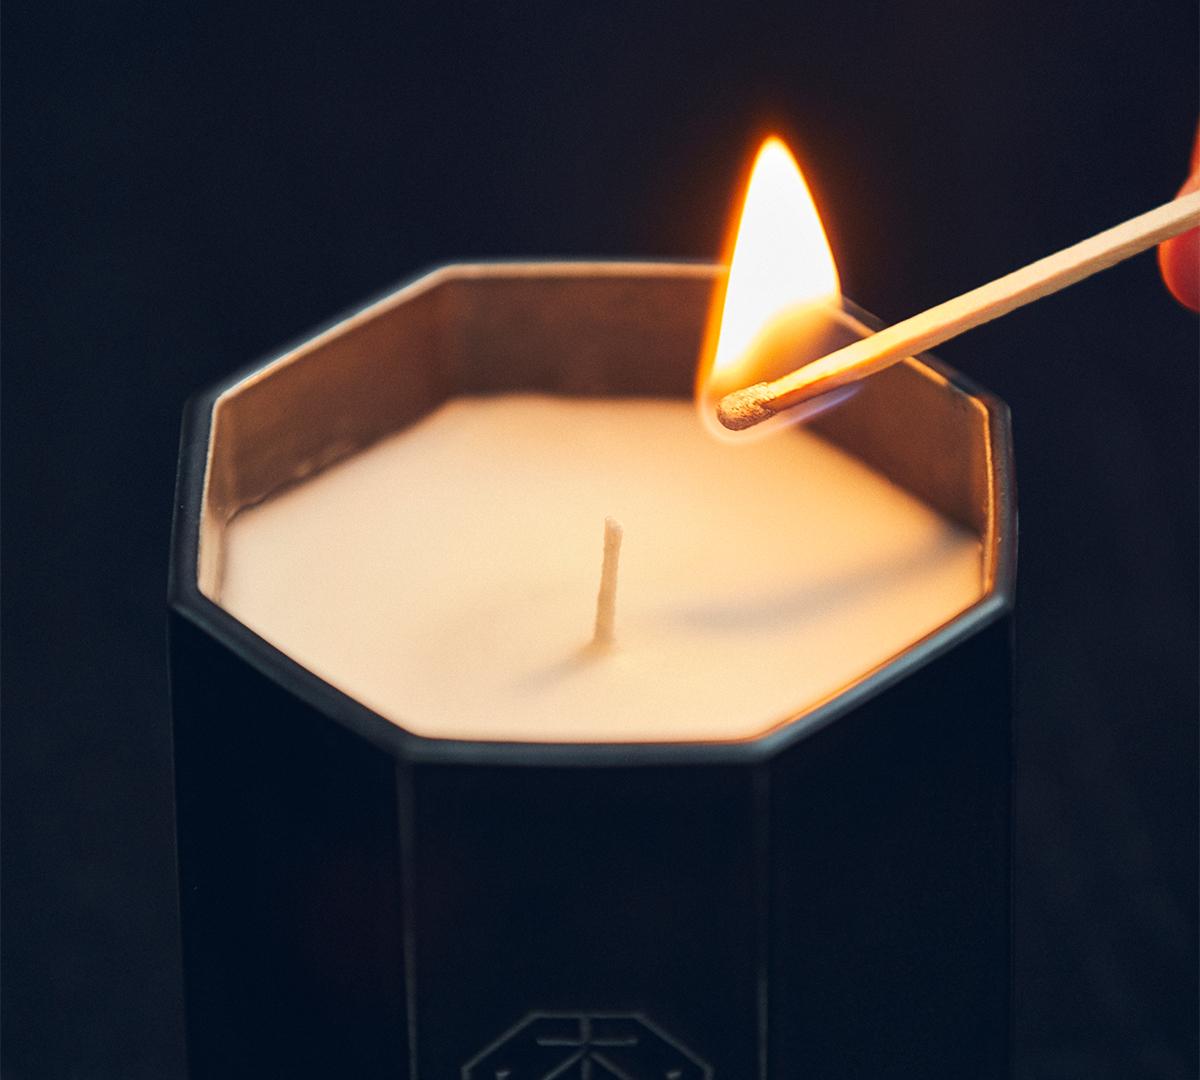 香り文化を広めた『日本香堂』のトップパフューマーによる創香。穏やかな炎と心地いいヒノキの香りで、ゆったり癒しの時間を-センティッドキャンドル-KITOWA(キトワ)